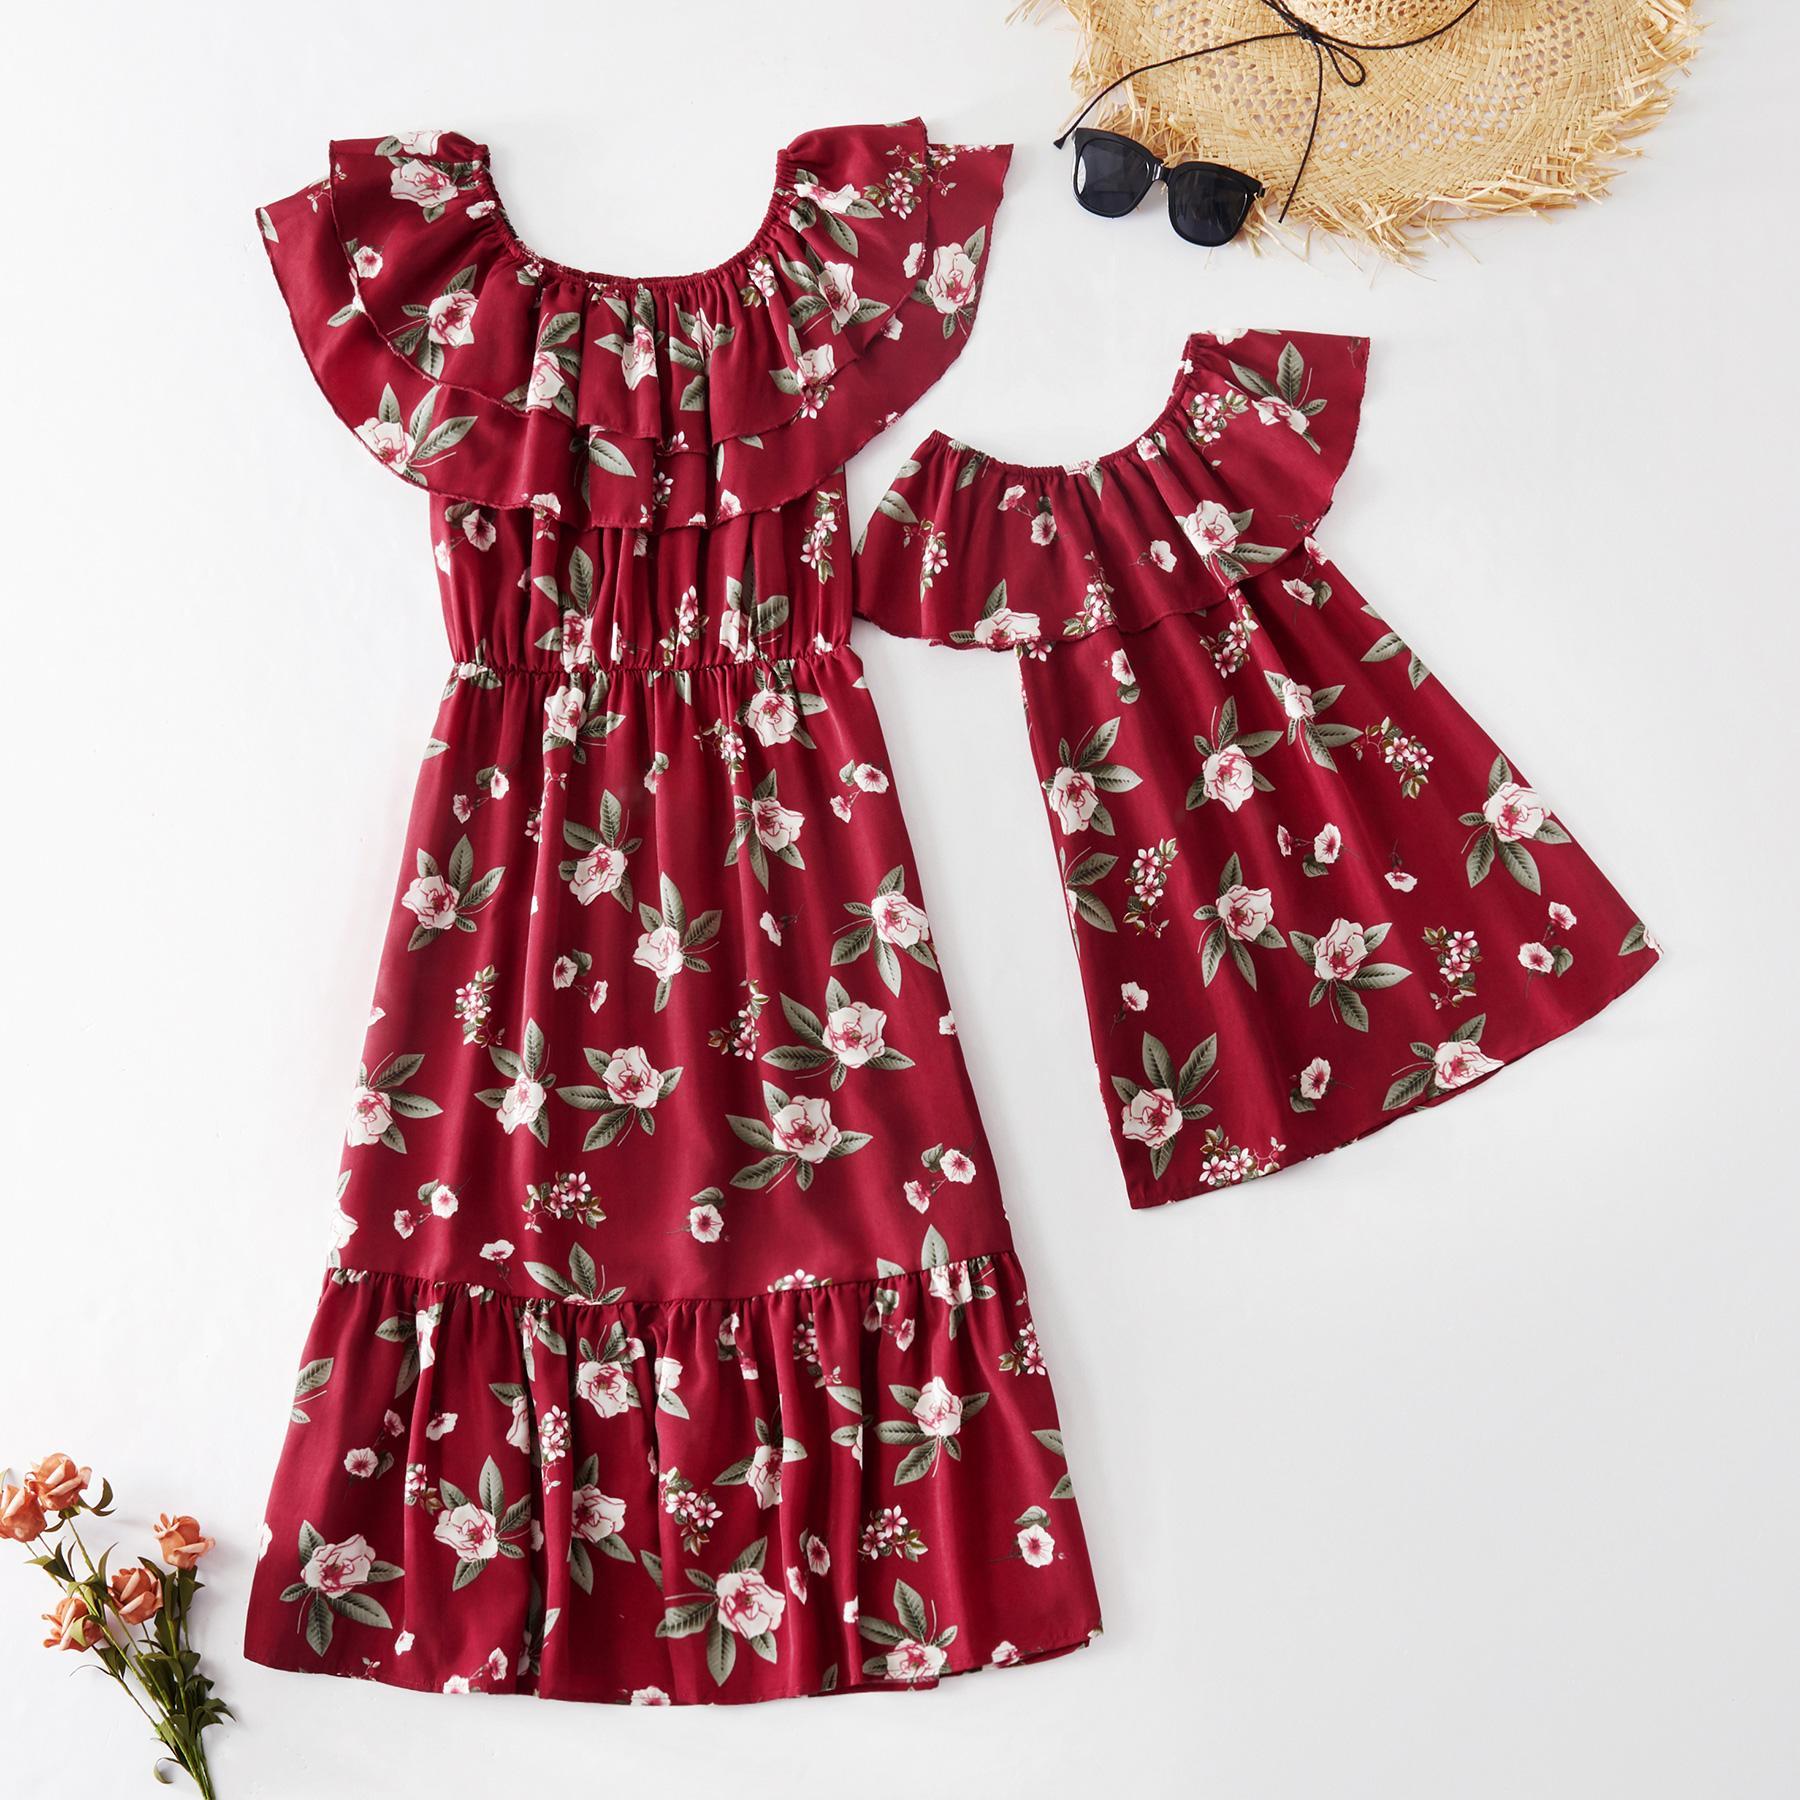 2020 جديد الصيف الأم و me الأزهار شبكة تانك اللباس الأخت رومبير لأم فتاة مطابقة الطفل